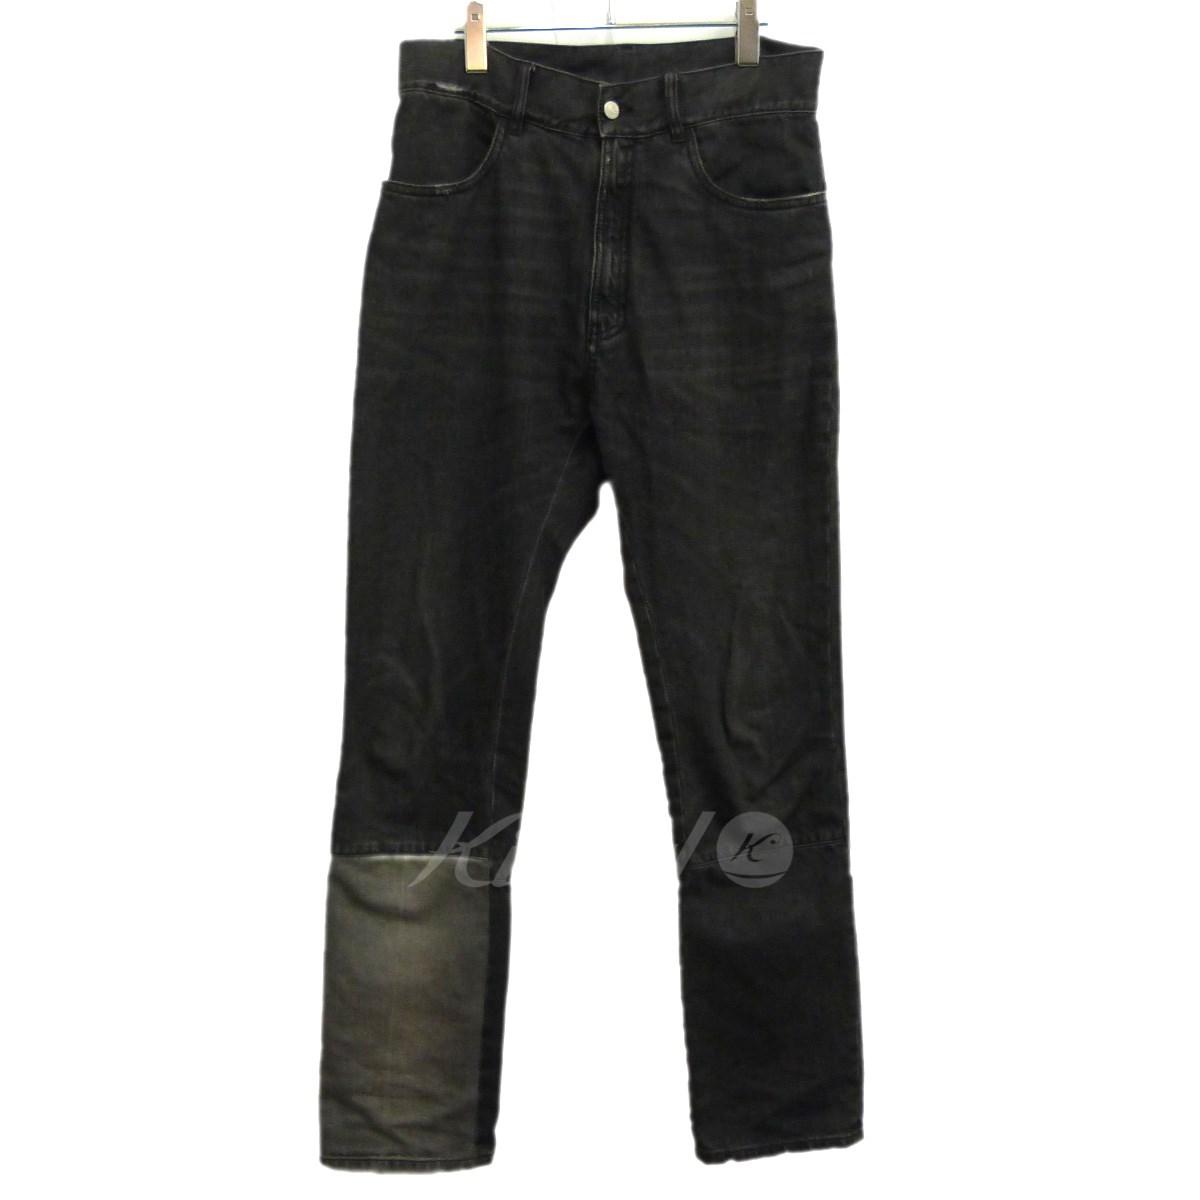 【中古】Martin Margiela 10 17SS裾切替デニムパンツ ブラック サイズ:32 【送料無料】 【031118】(マルタンマルジェラ10)